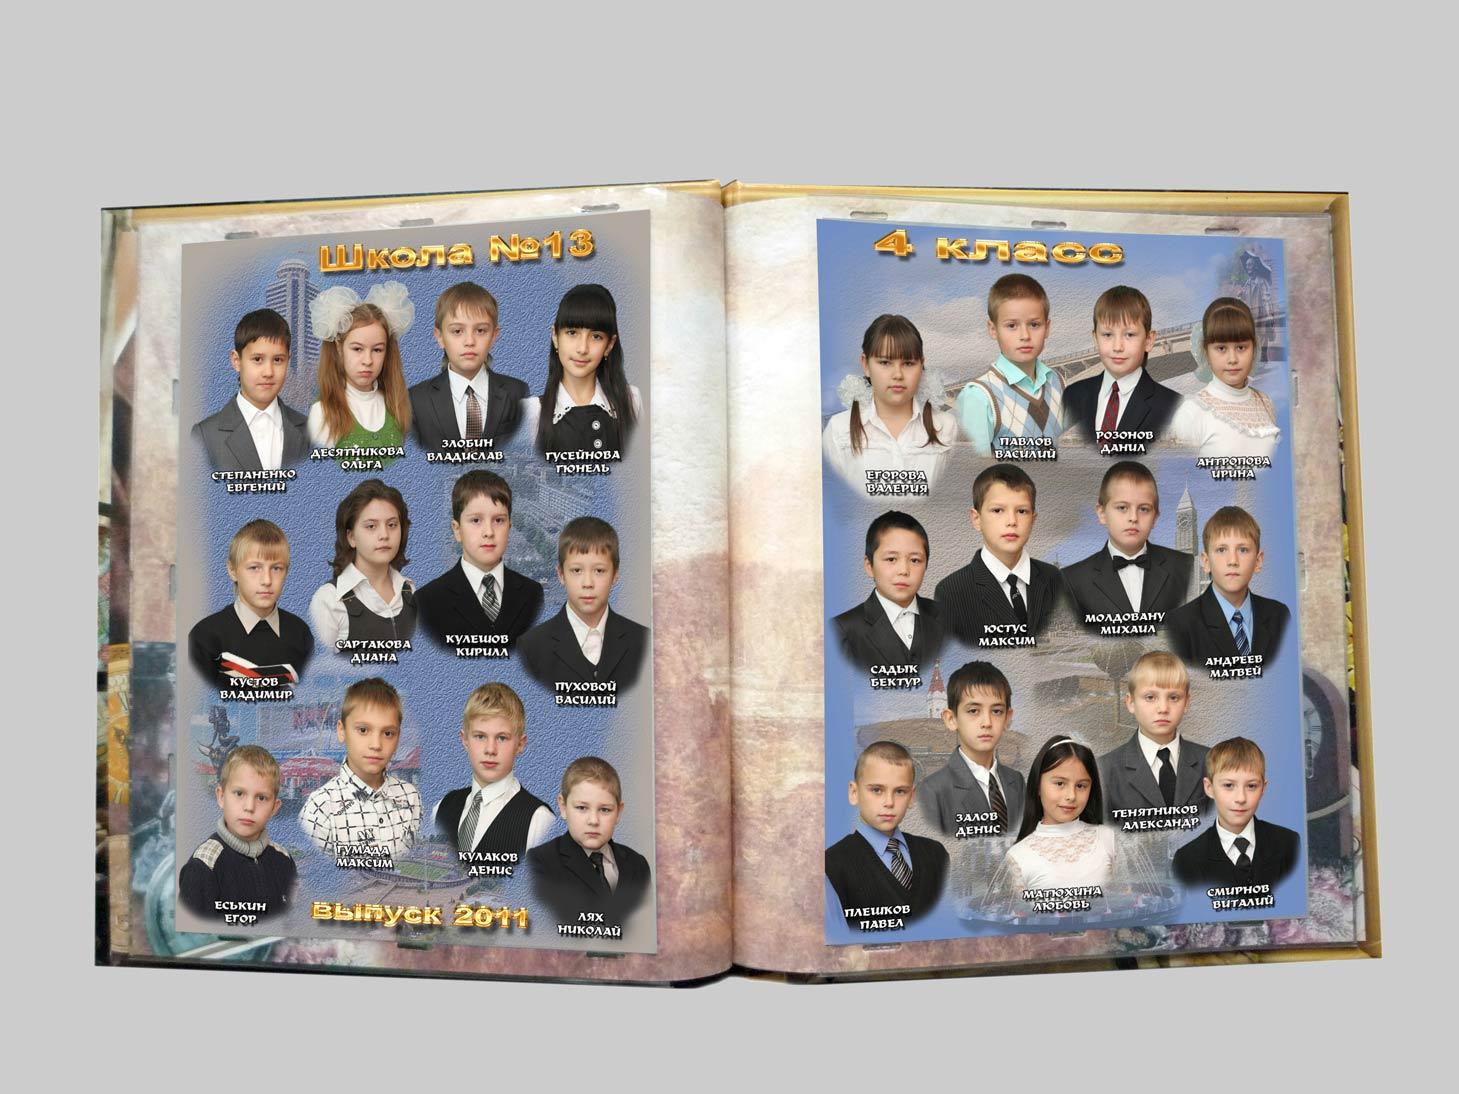 виньетка,выпускнойальбом, школа №13